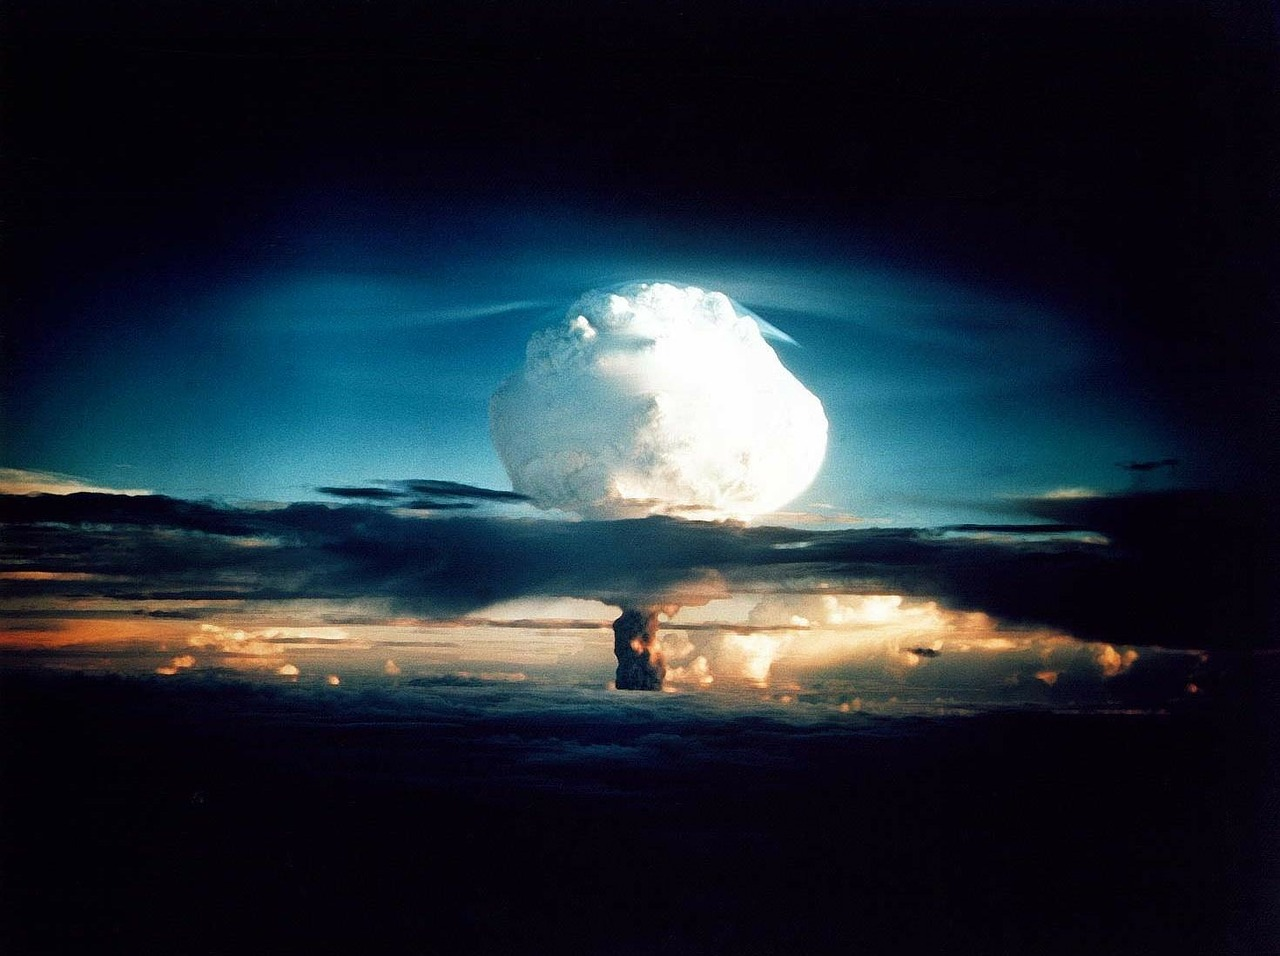 原子爆弾ってなに?原子爆弾はどうやって作られたのか?